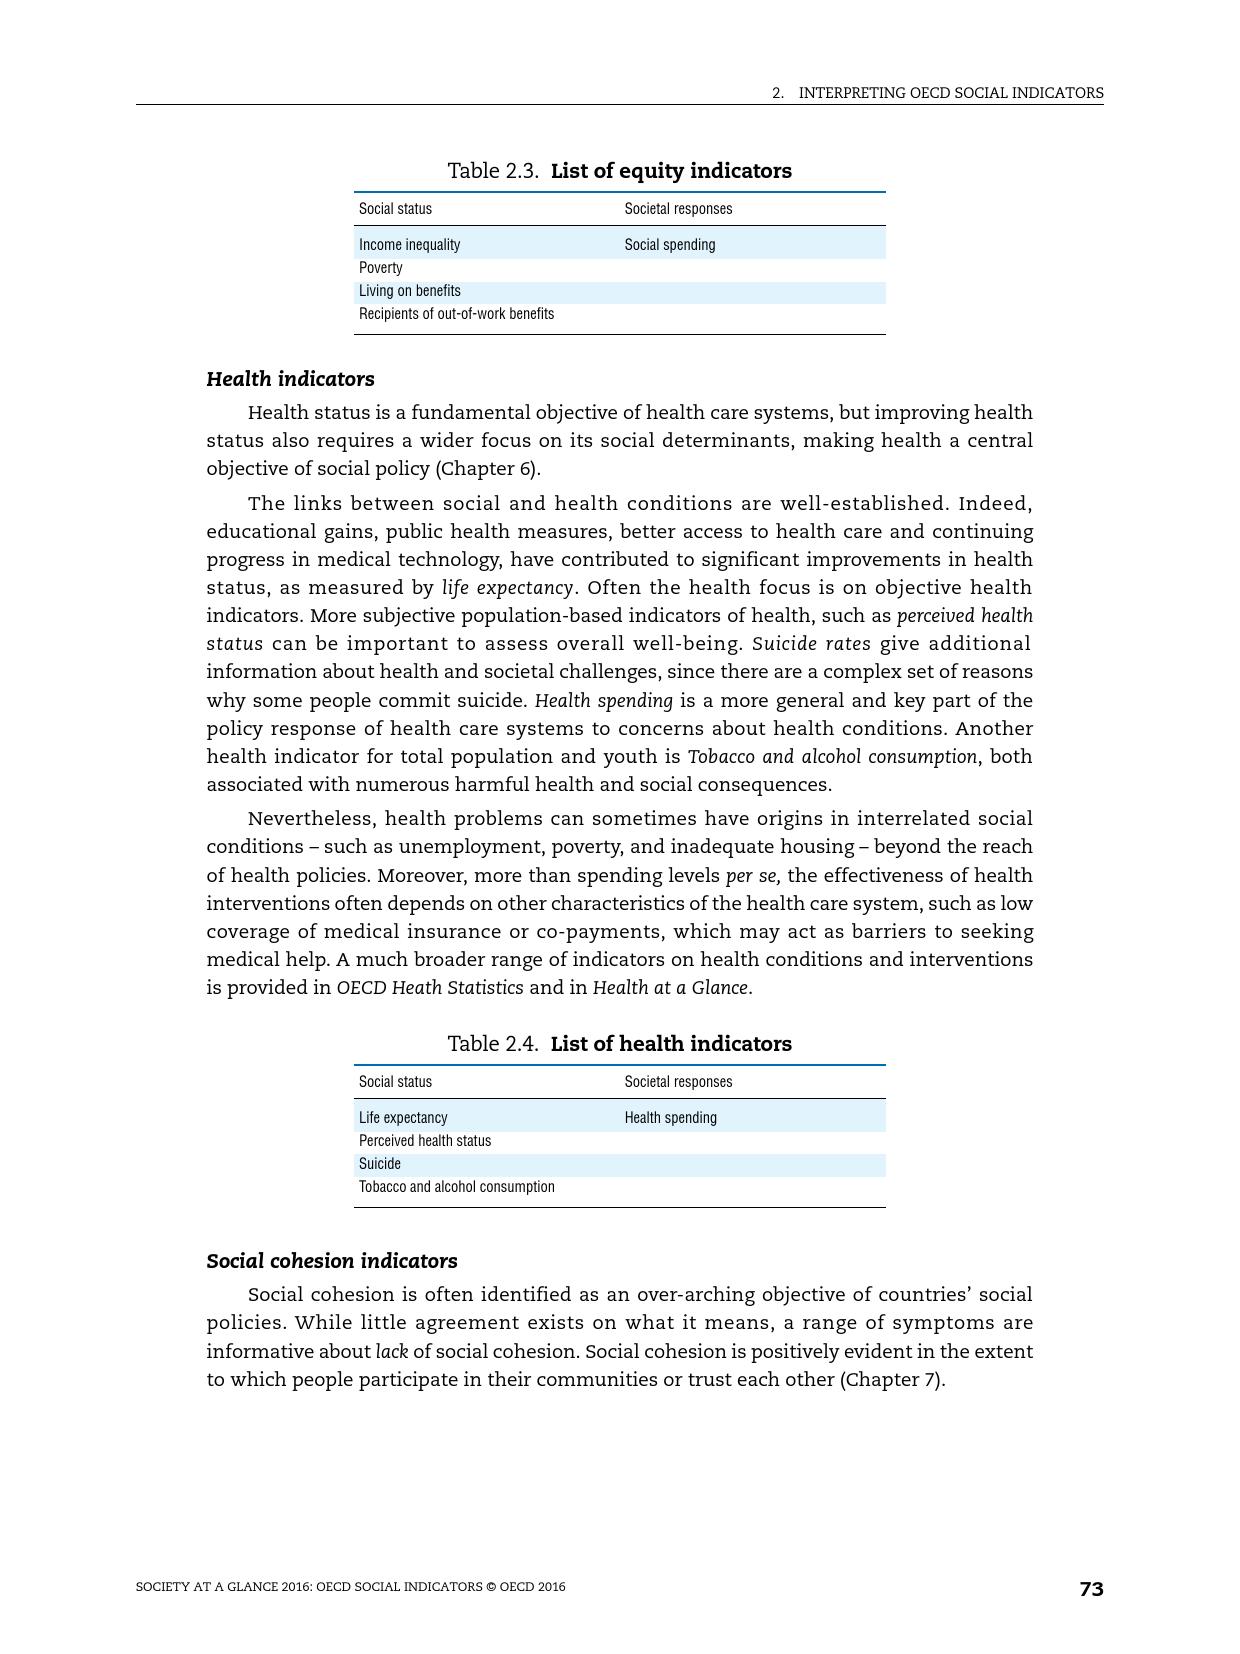 2016年OECD国家社会概览报告_000075